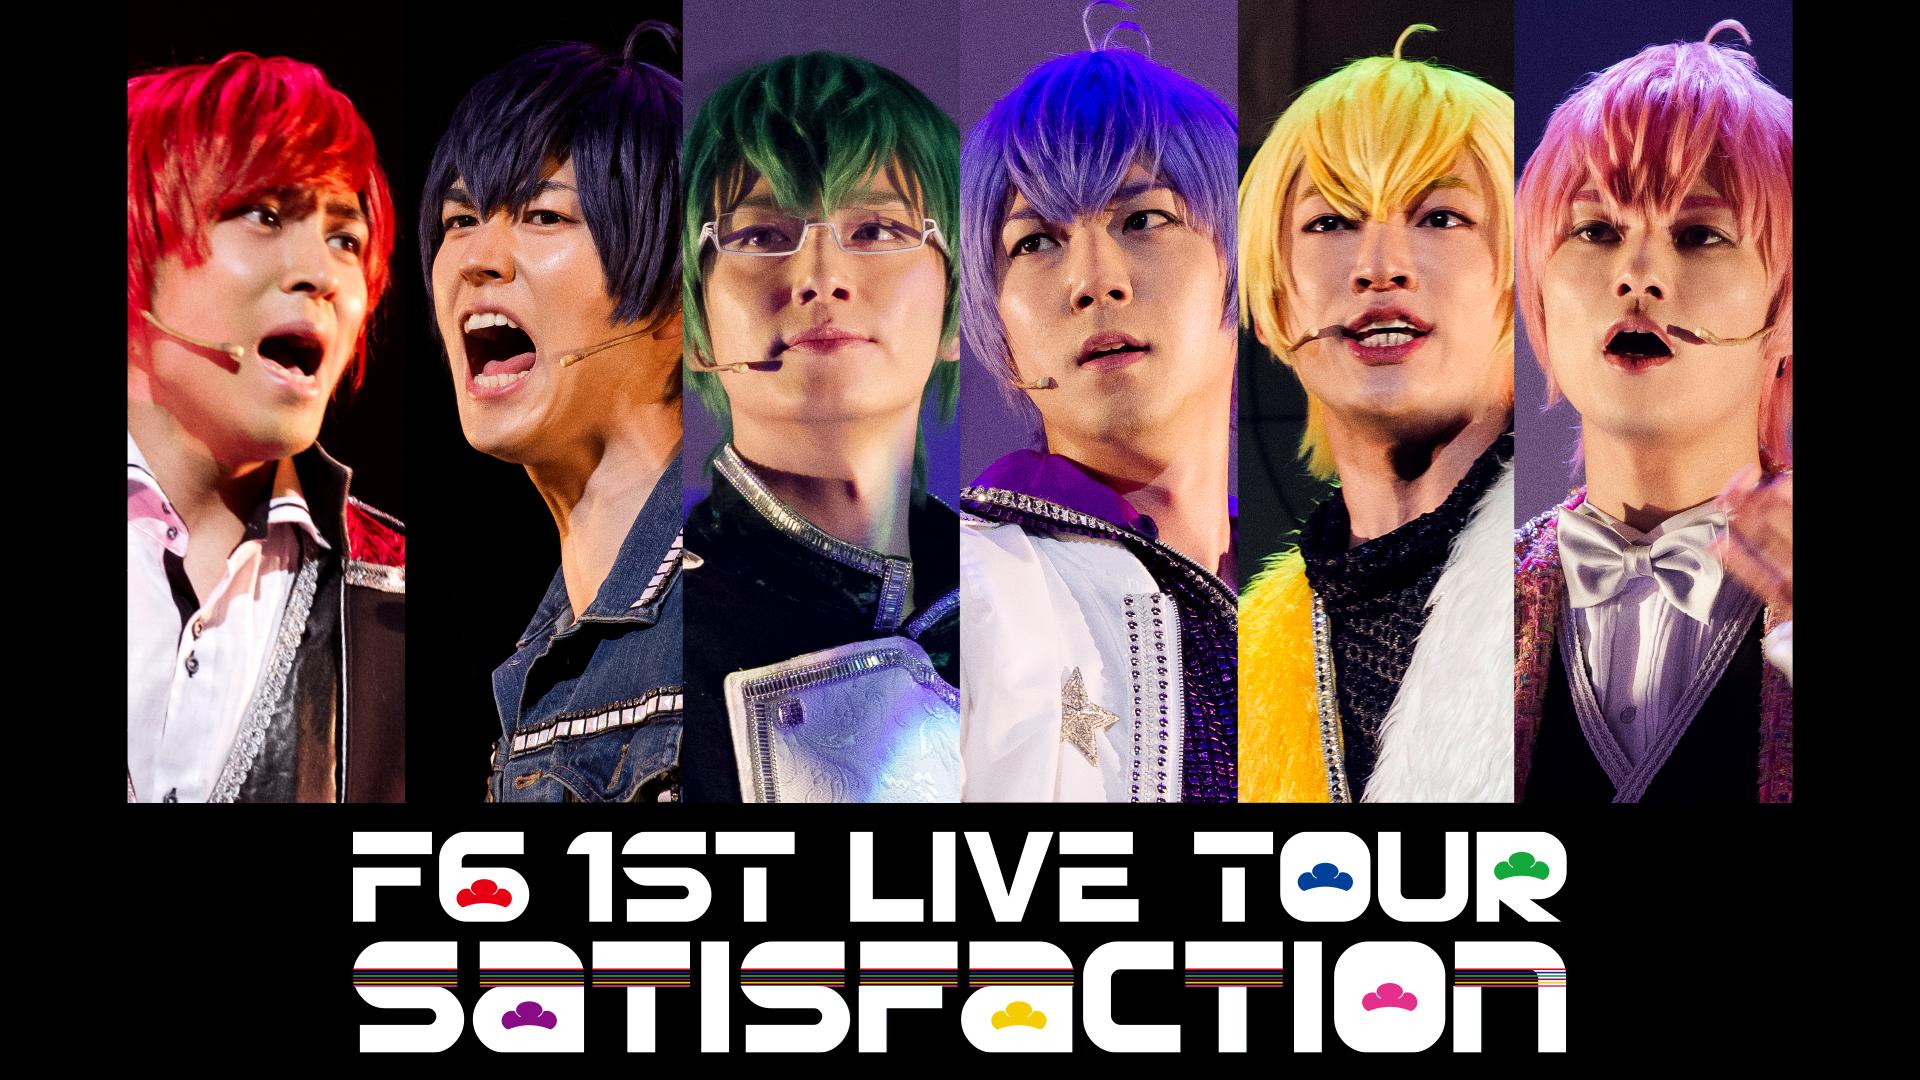 F6 1st LIVEツアー「Satisfaction」(dアニメストア)